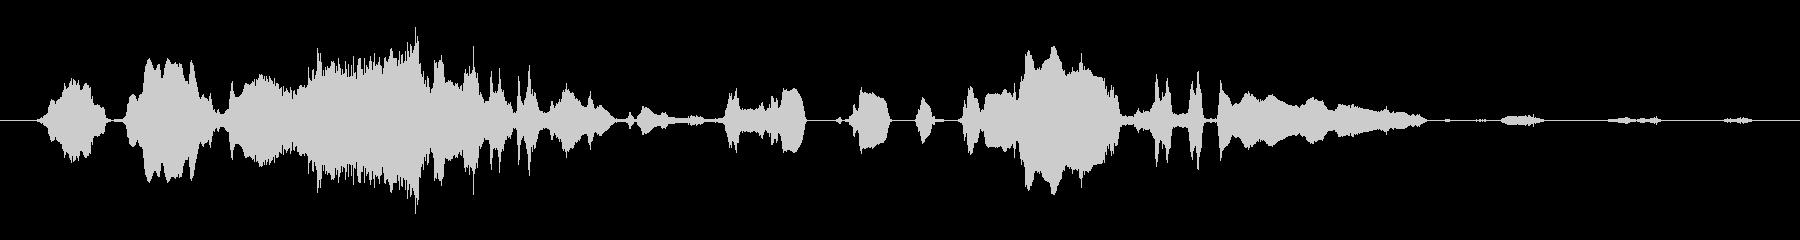 群集 大声で話す02の未再生の波形